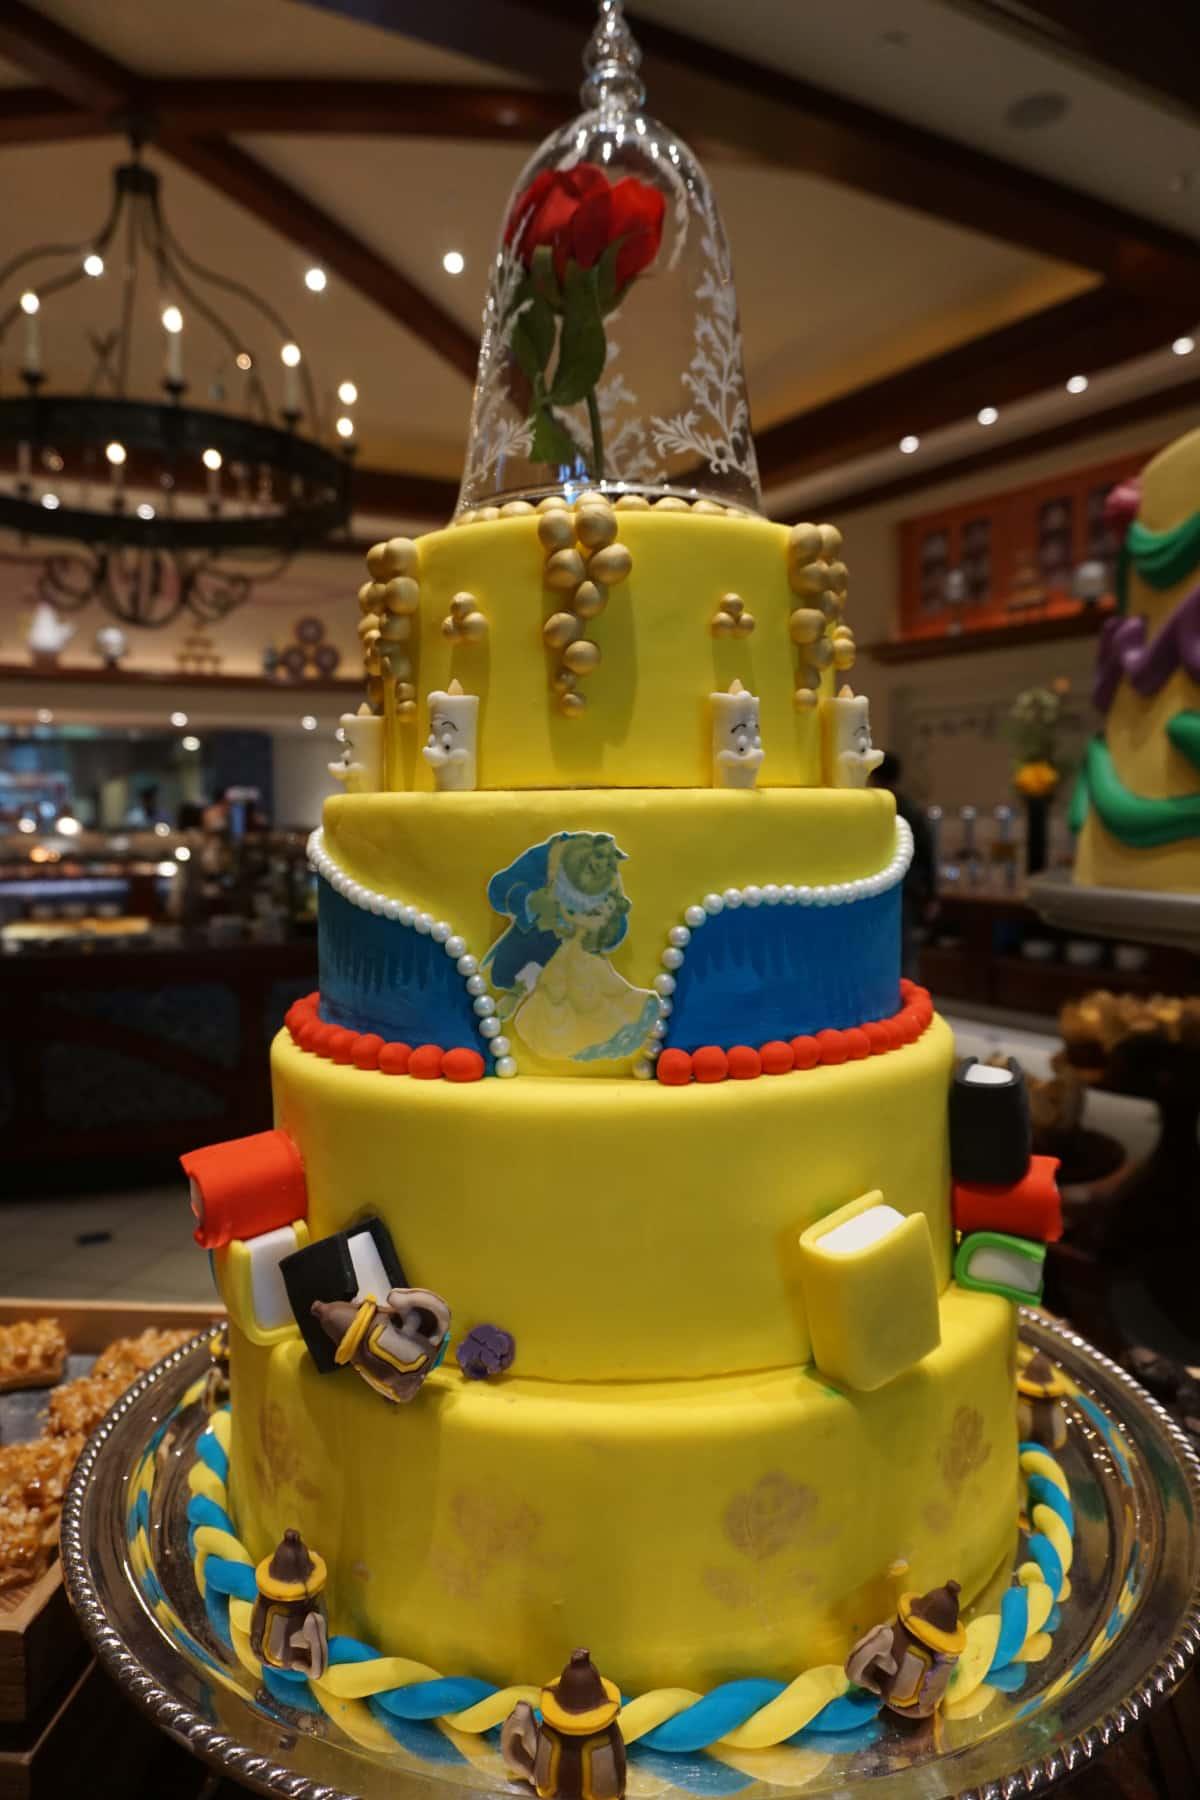 「美女と野獣」をモチーフにしたケーキ